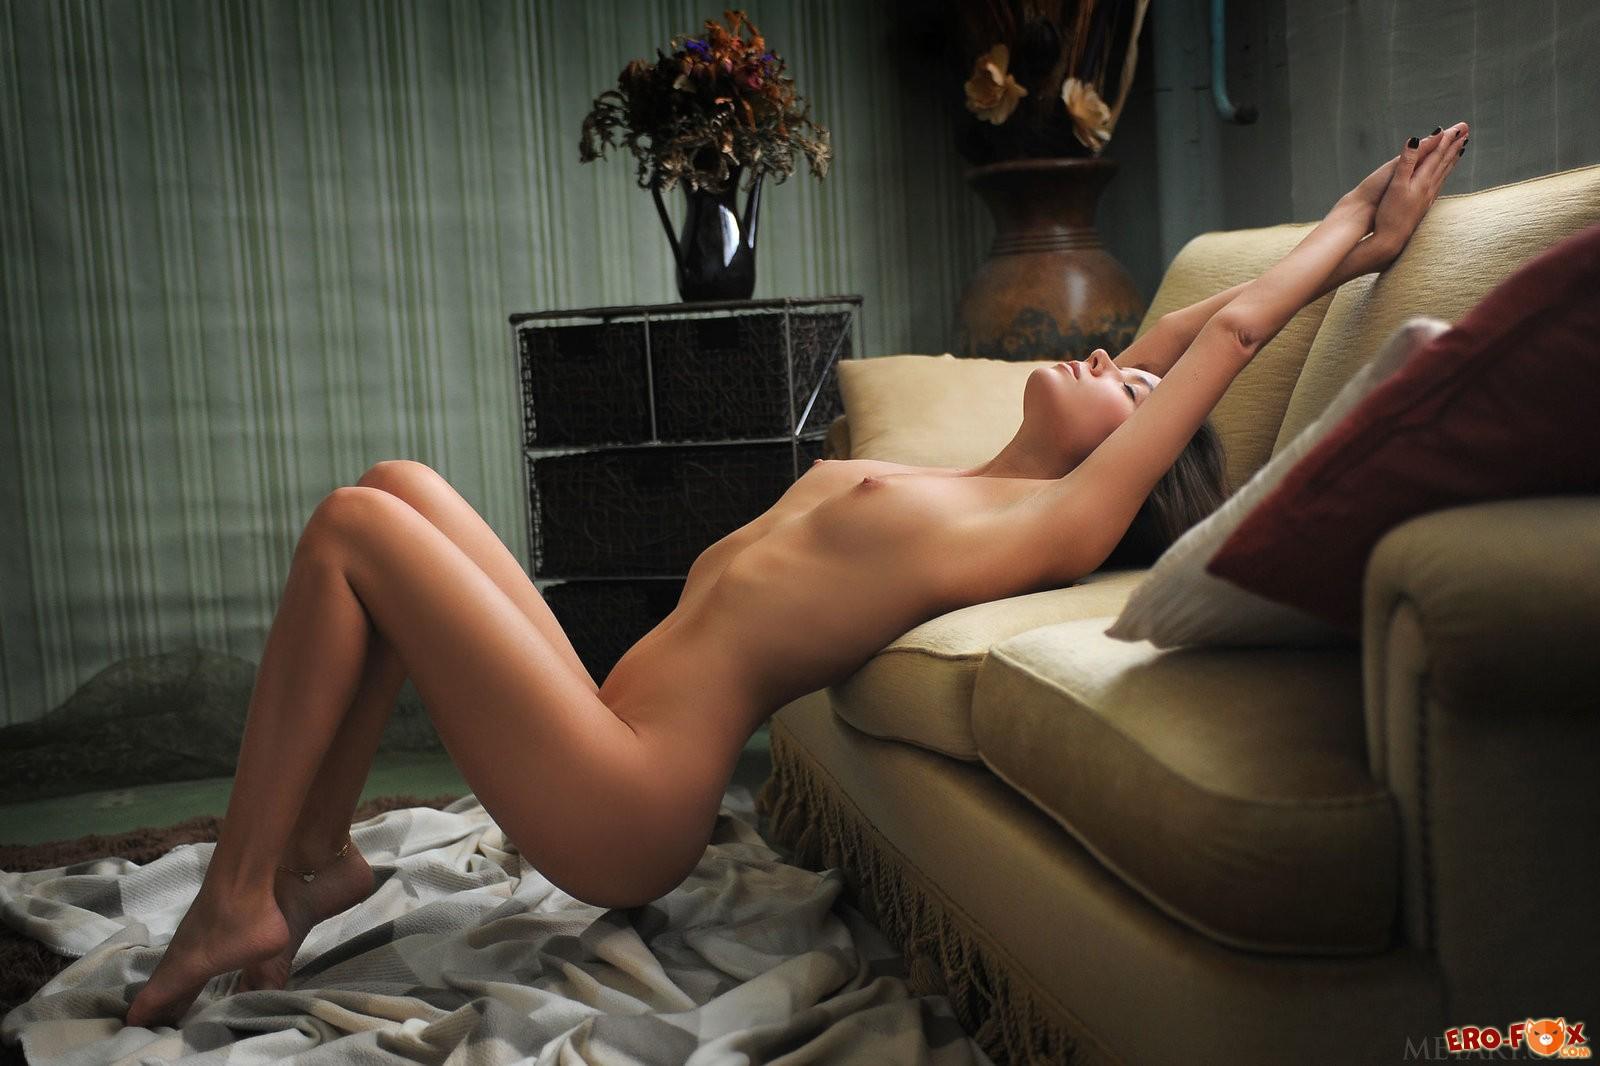 Ню фото обнажённой девушки - красивая эротика.